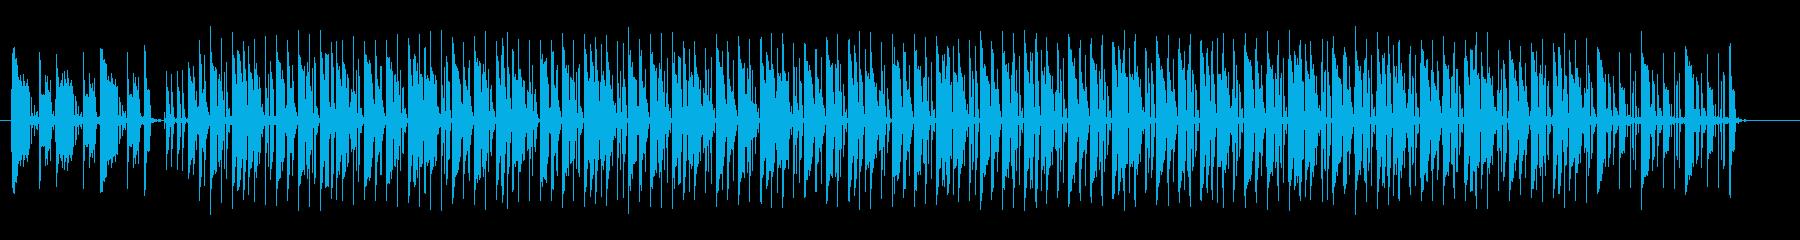 躍動感とグルーブ感漂うDJミュージックの再生済みの波形